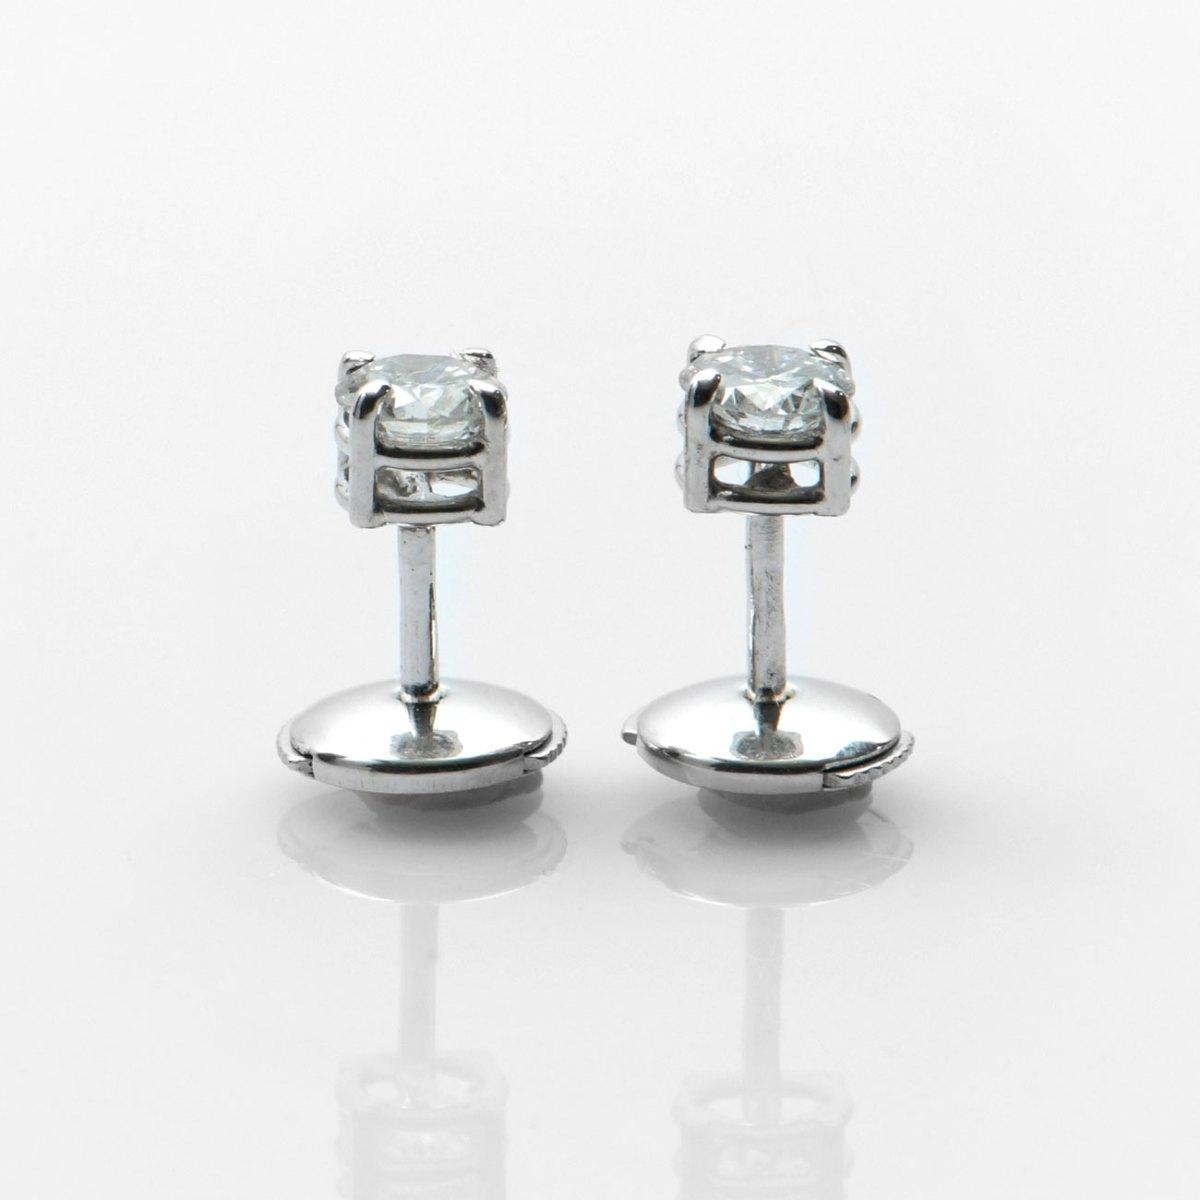 Clous d'oreilles diamants solitaires 0,69ct, serti griffes sur or blanc 750‰ | Réf. BR-A552 | EVENOR Joaillerie • Bijoux neufs • Bijoux Vintage et d'occasion